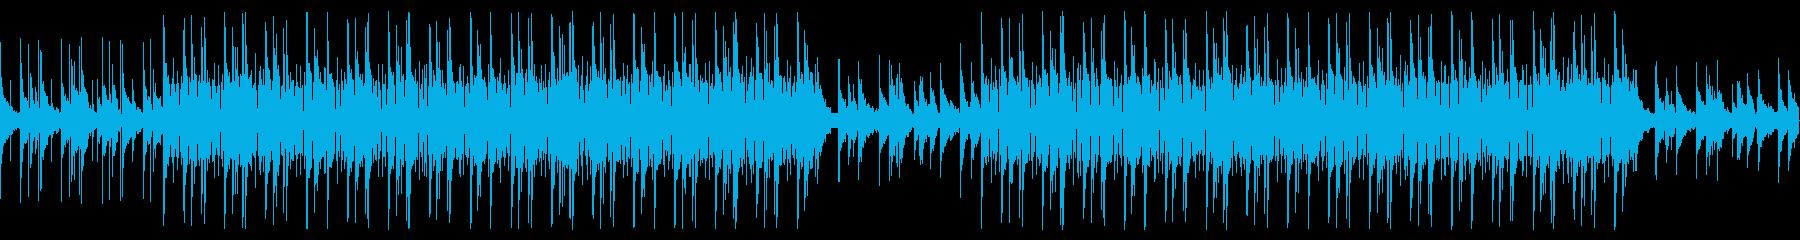 おしゃれなLofiヒップホップの再生済みの波形